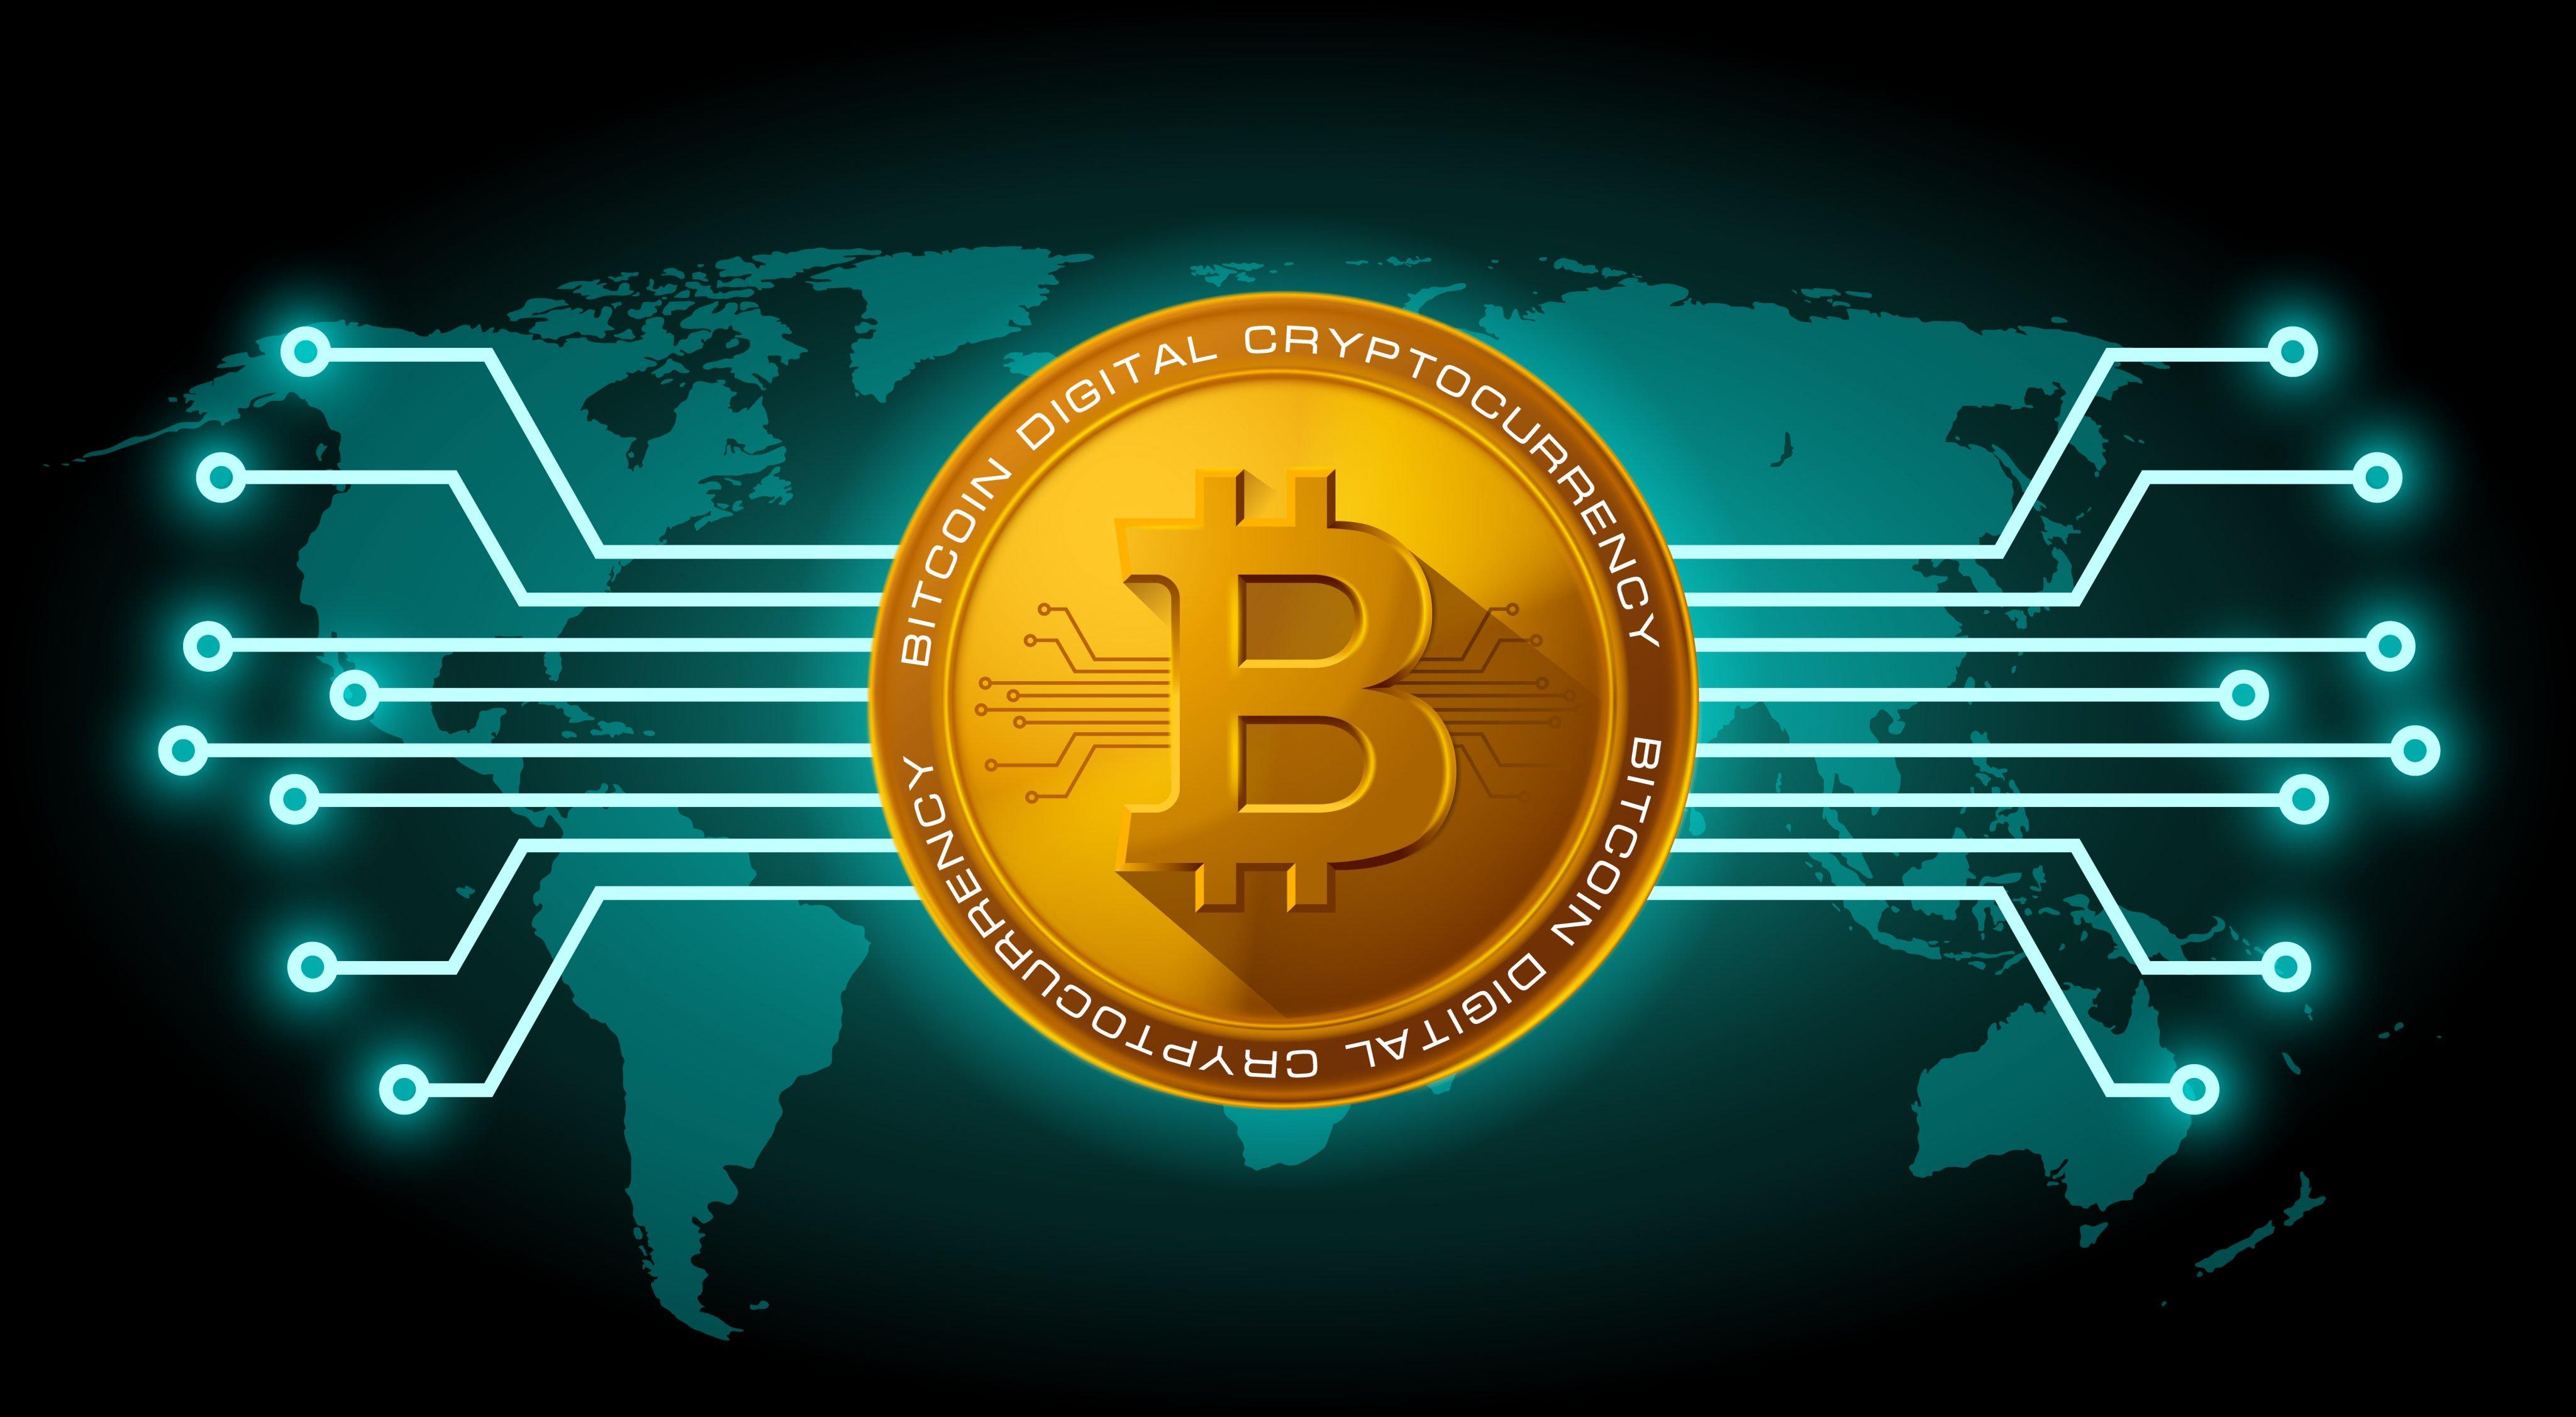 بیت کوین چیست؟ / امنیت در این واحد پول دیجیتال چگونه برقرار میشود ؟